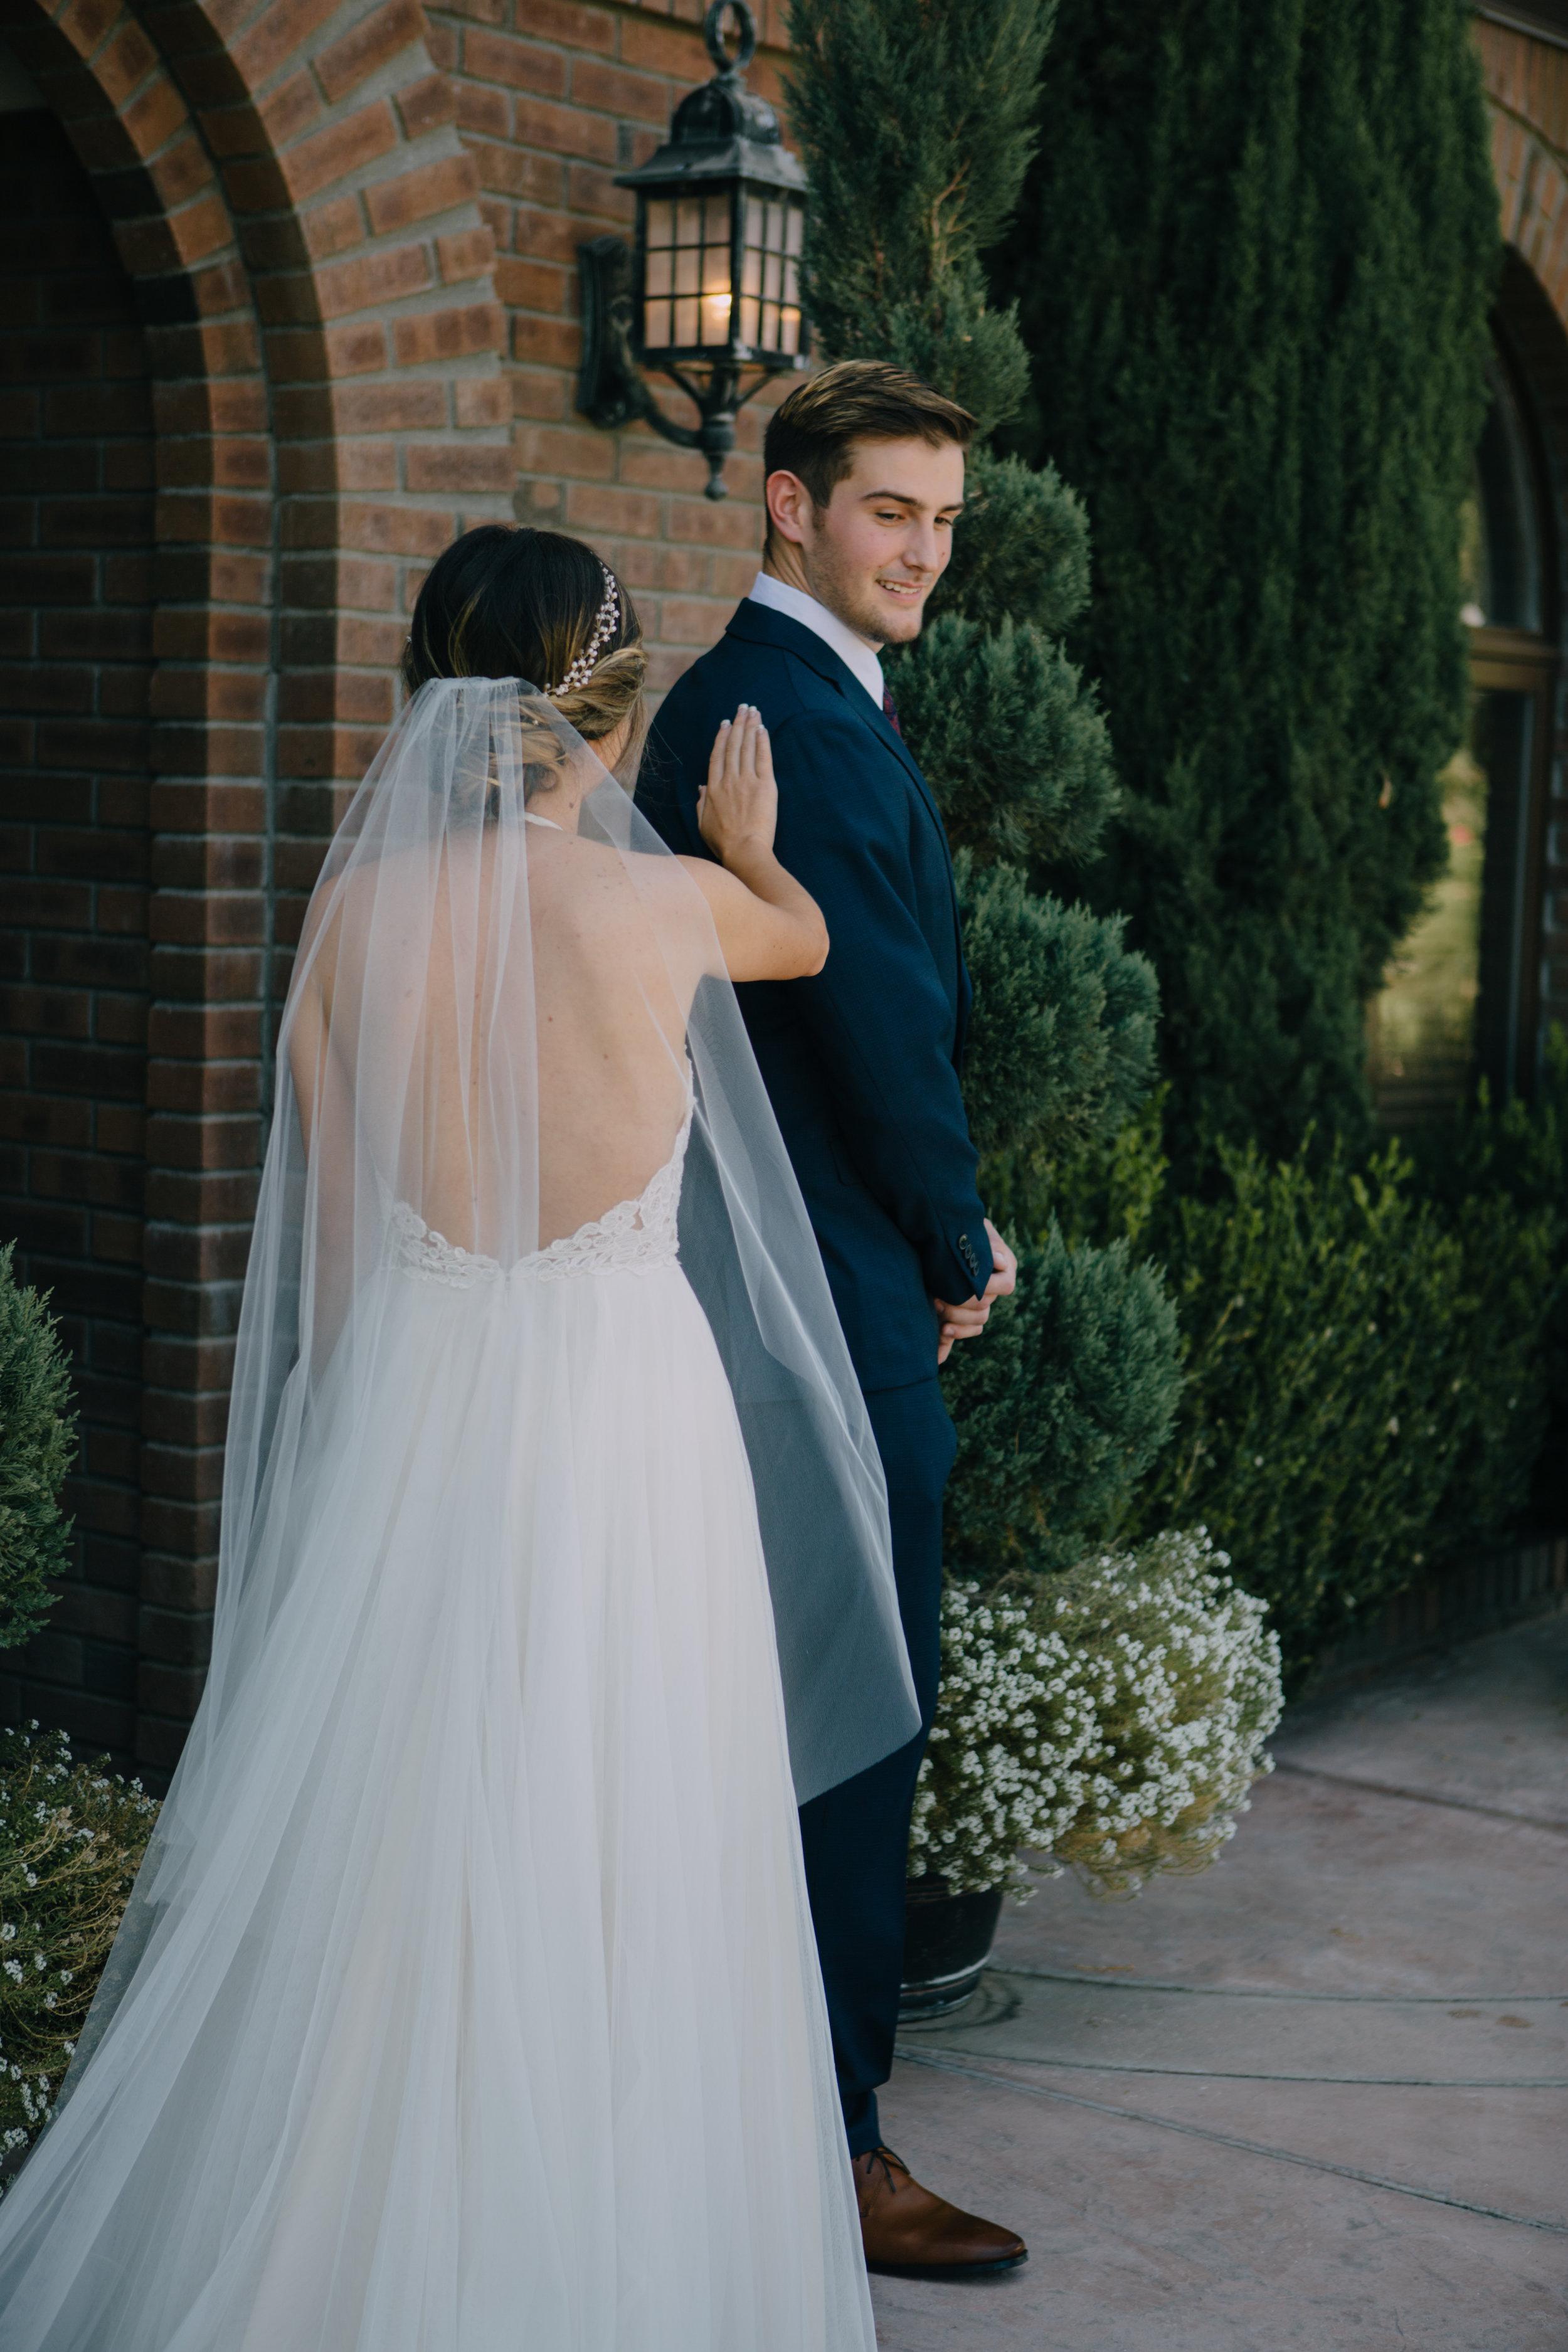 bride and groom-4550.jpg